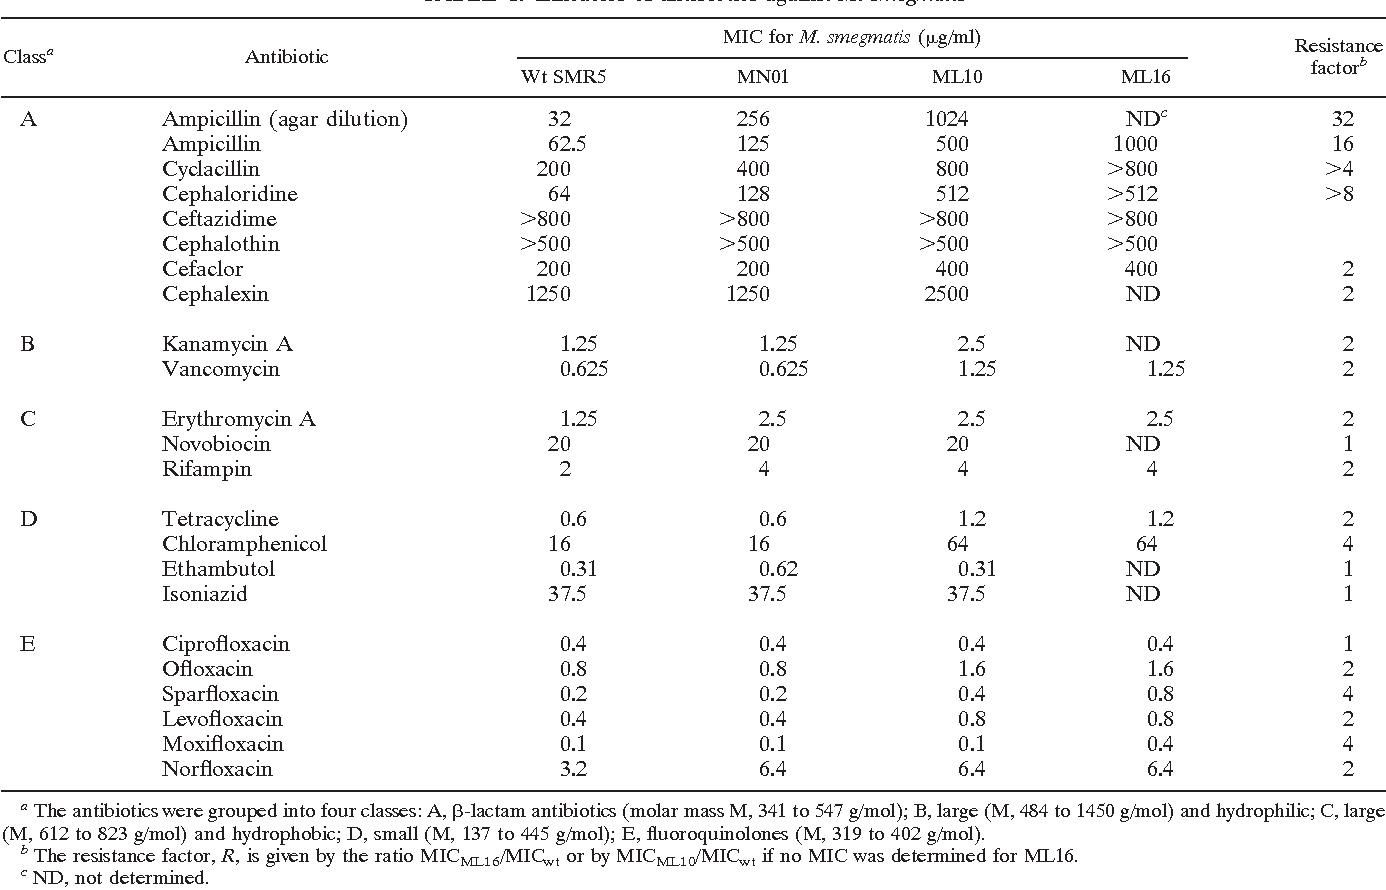 TABLE 1. Efficacies of antibiotics against M. smegmatis